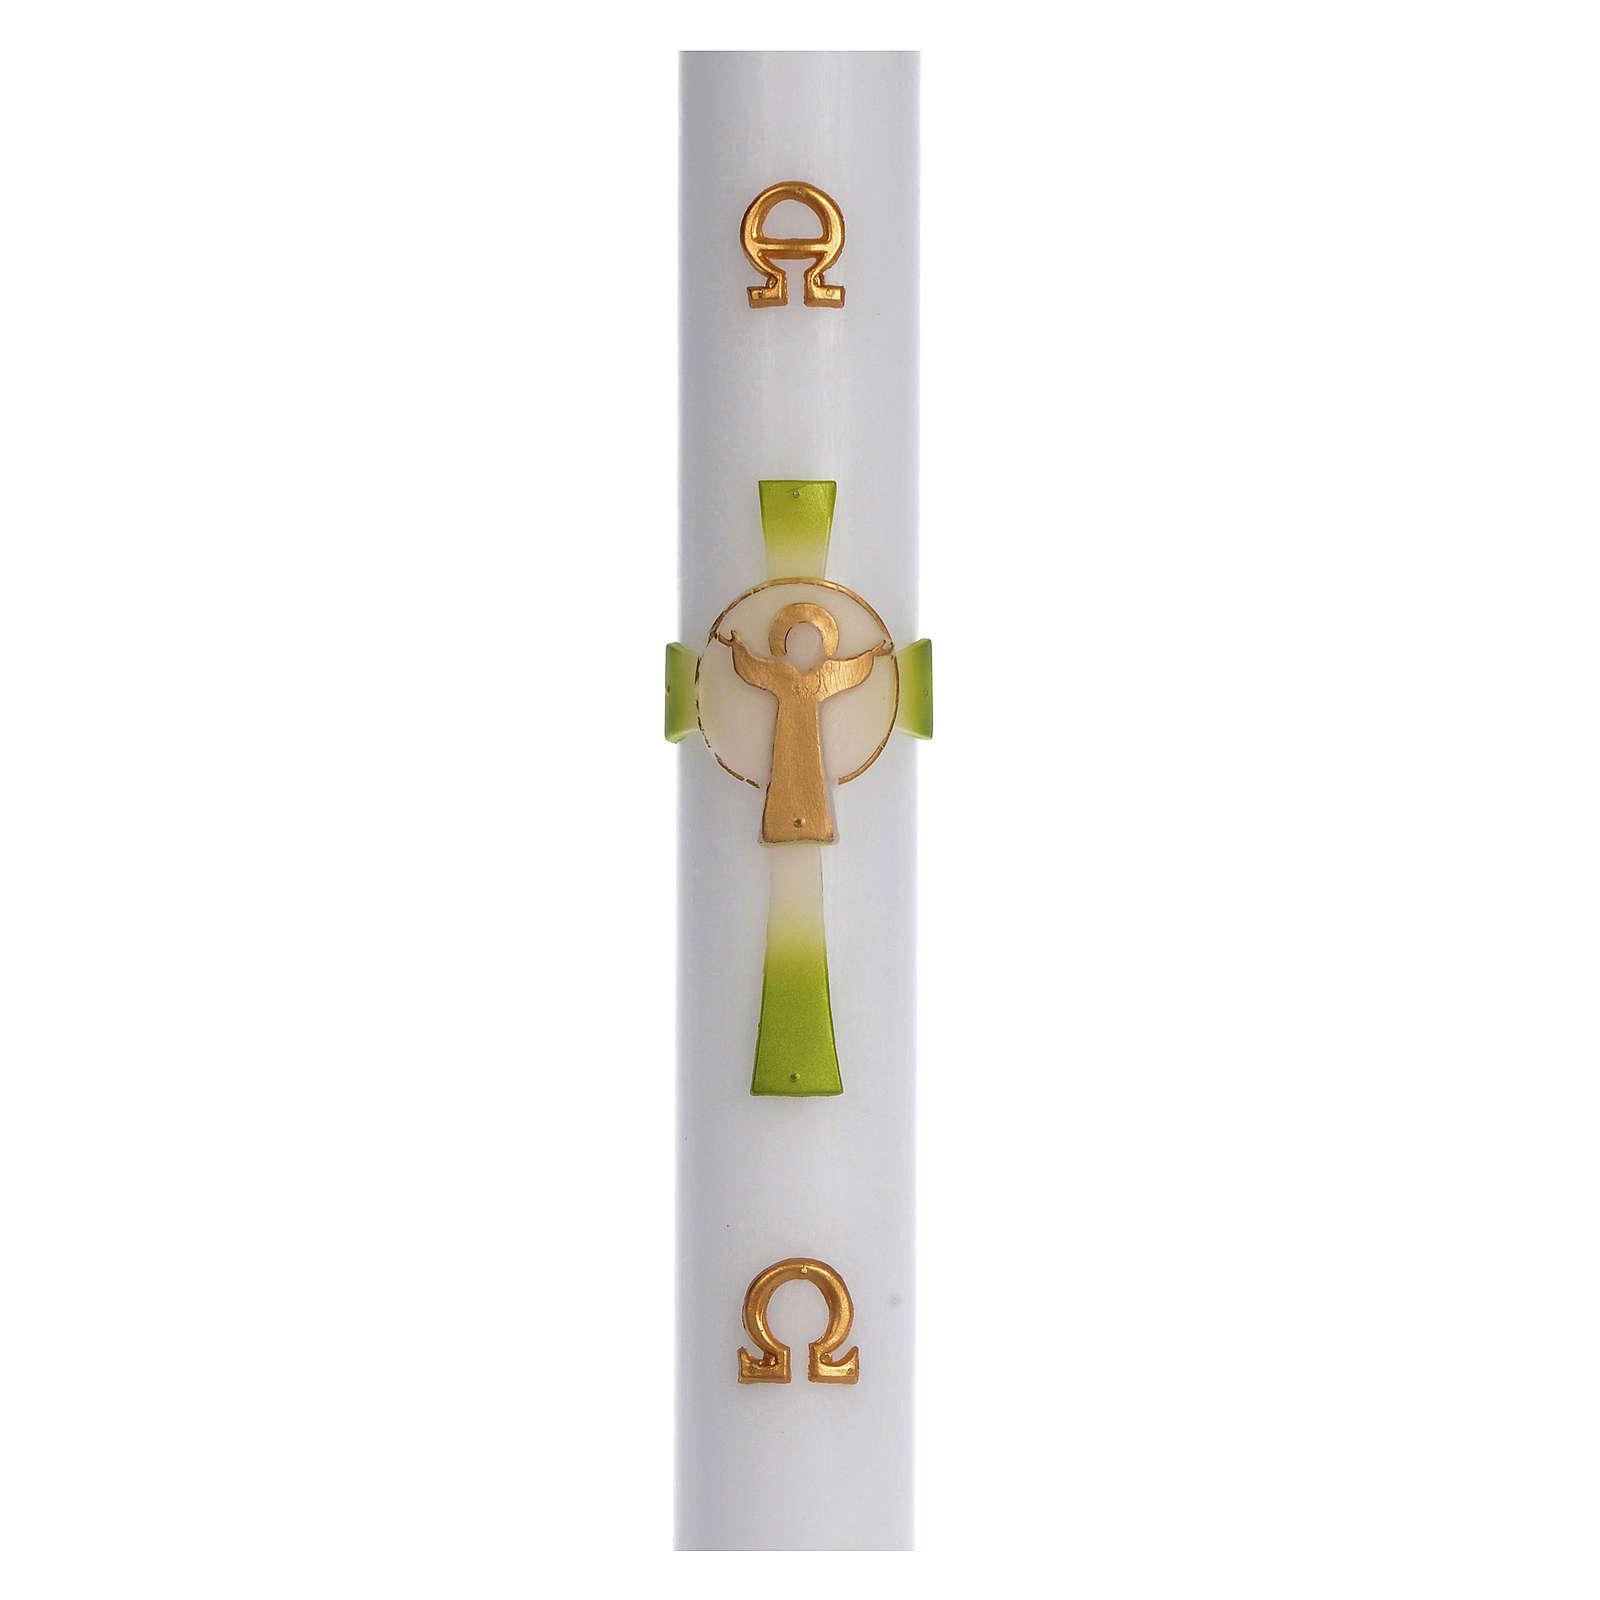 Paschał wosk biały Krzyż Zmartwychwstały zielony 8x120 cm 3